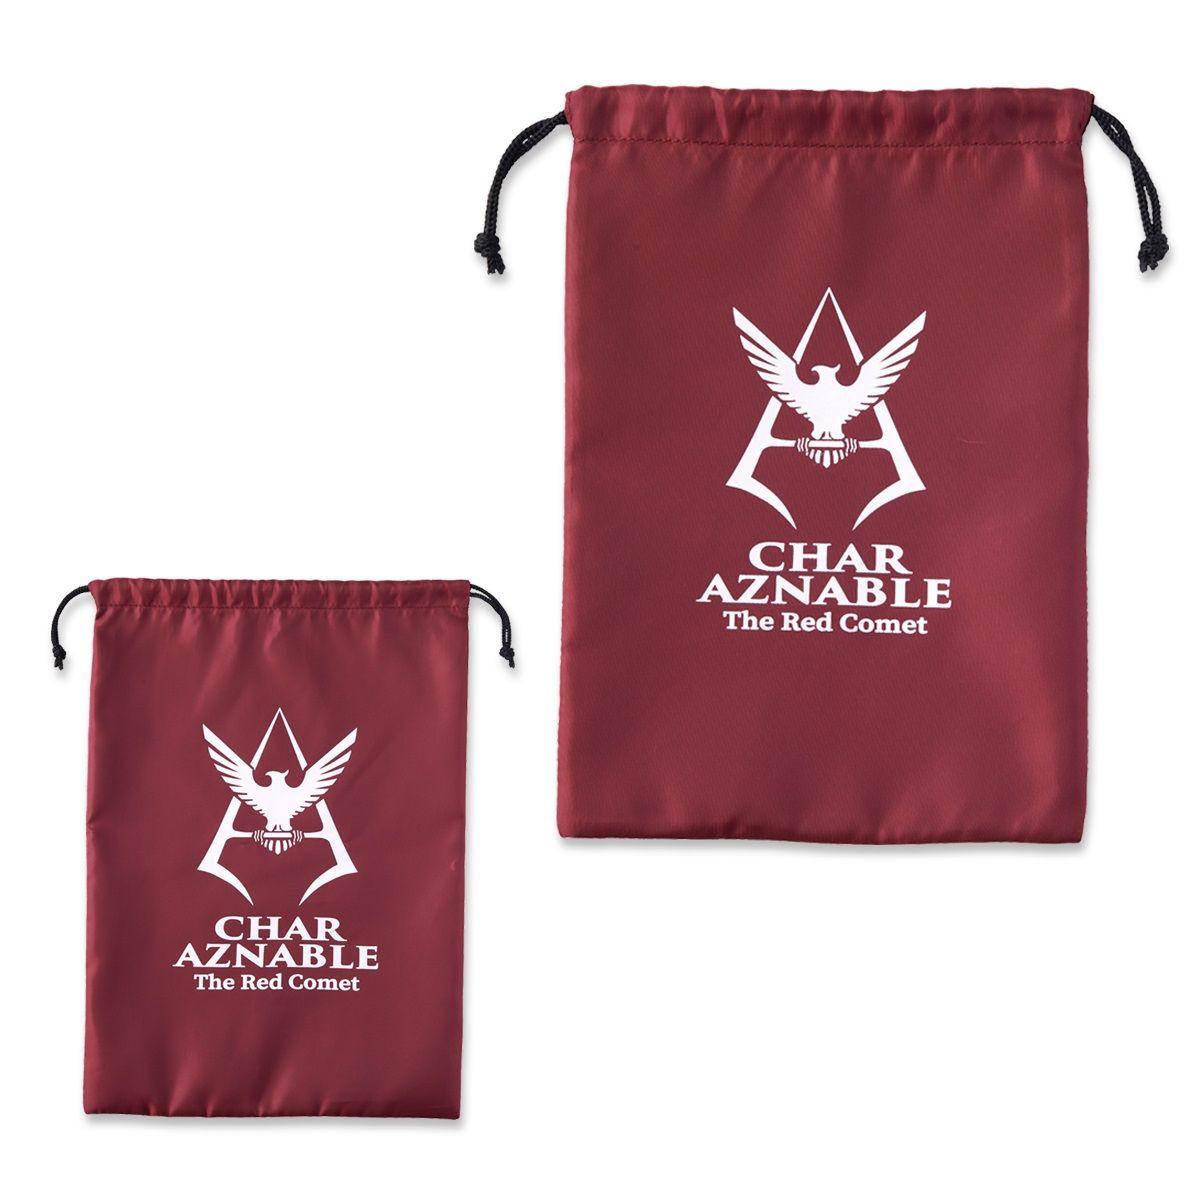 Mobile Suit Gundam Drawstring Bag Set